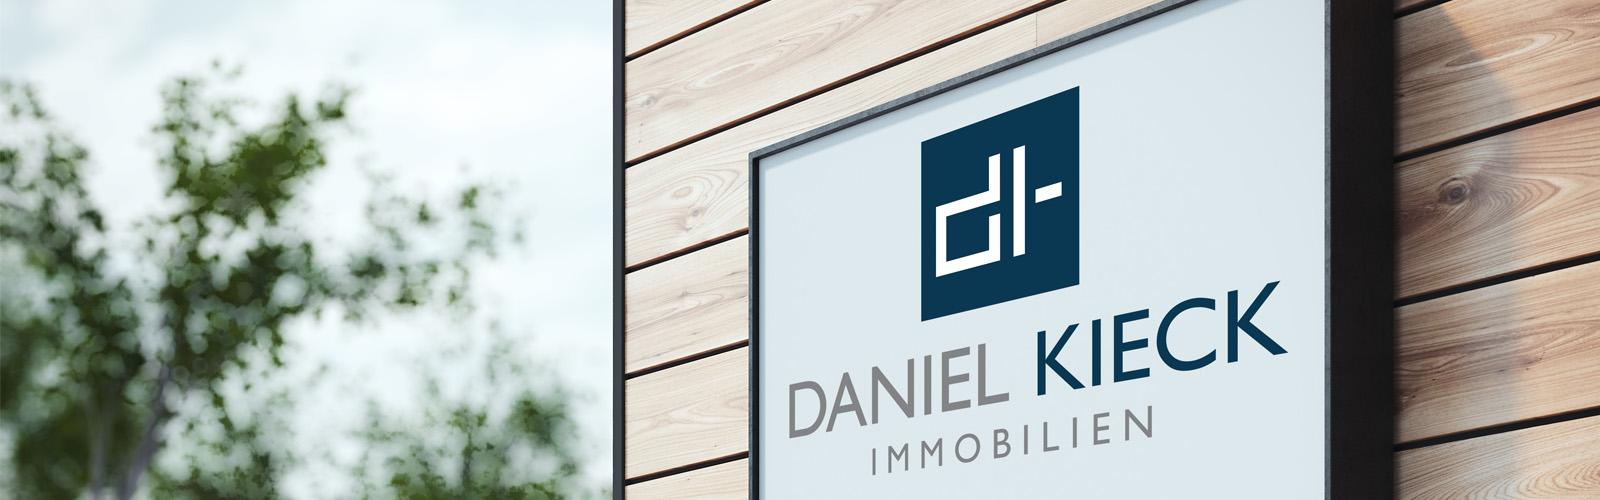 Daniel Kieck Immobilien - Ihr Partner für Wohnimmobilien und Kapitalanlagen in Südhessen